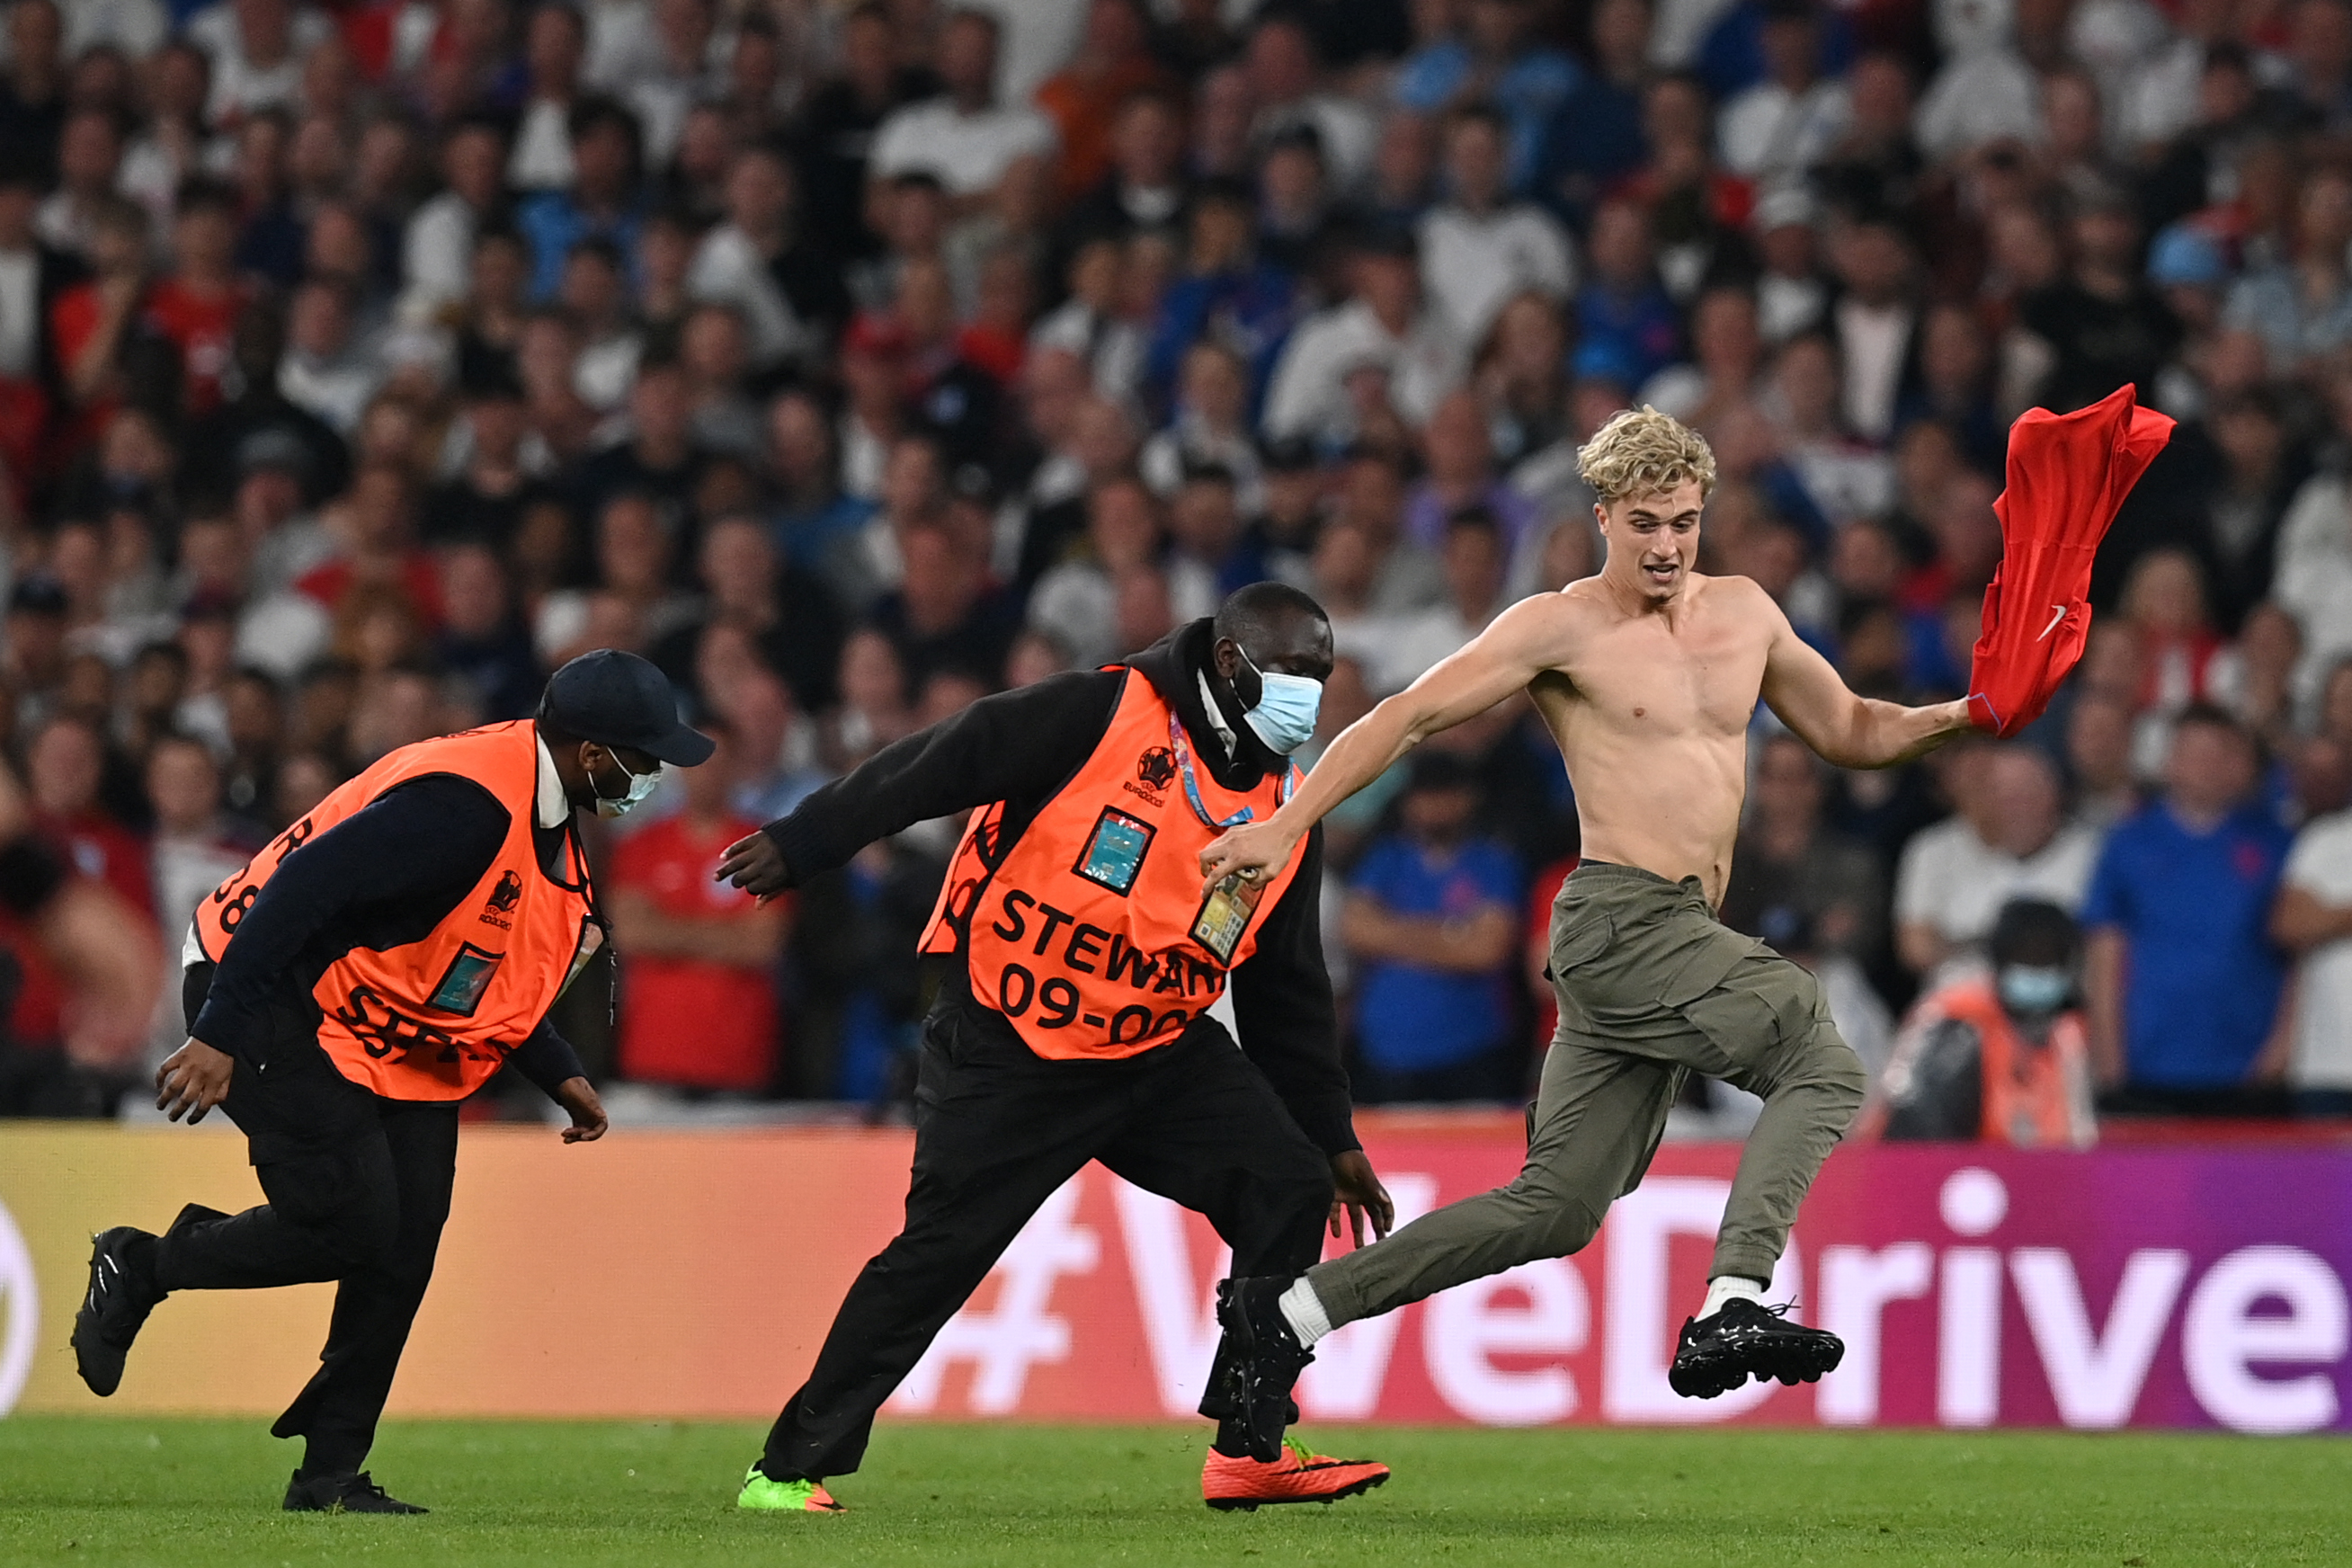 Az UEFA fegyelmi eljárást indított az angol szövetség ellen a foci-Eb-döntő miatt